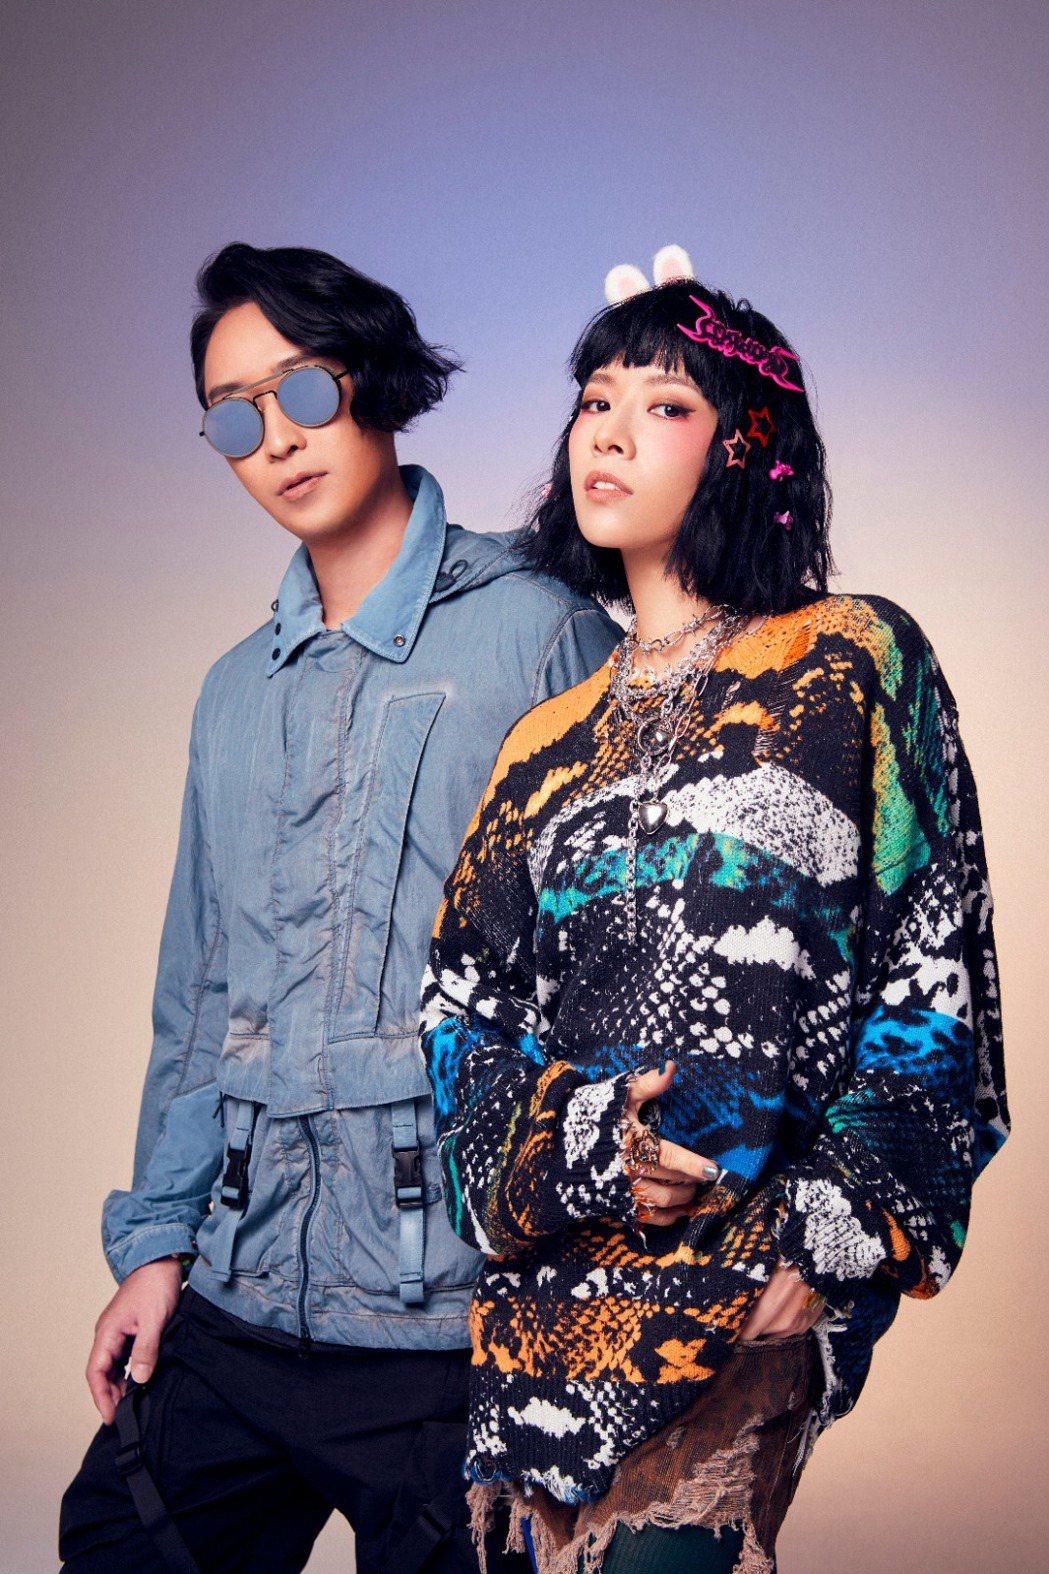 原子邦妮即將推出新專輯「樂遊原」。圖/滾石唱片提供